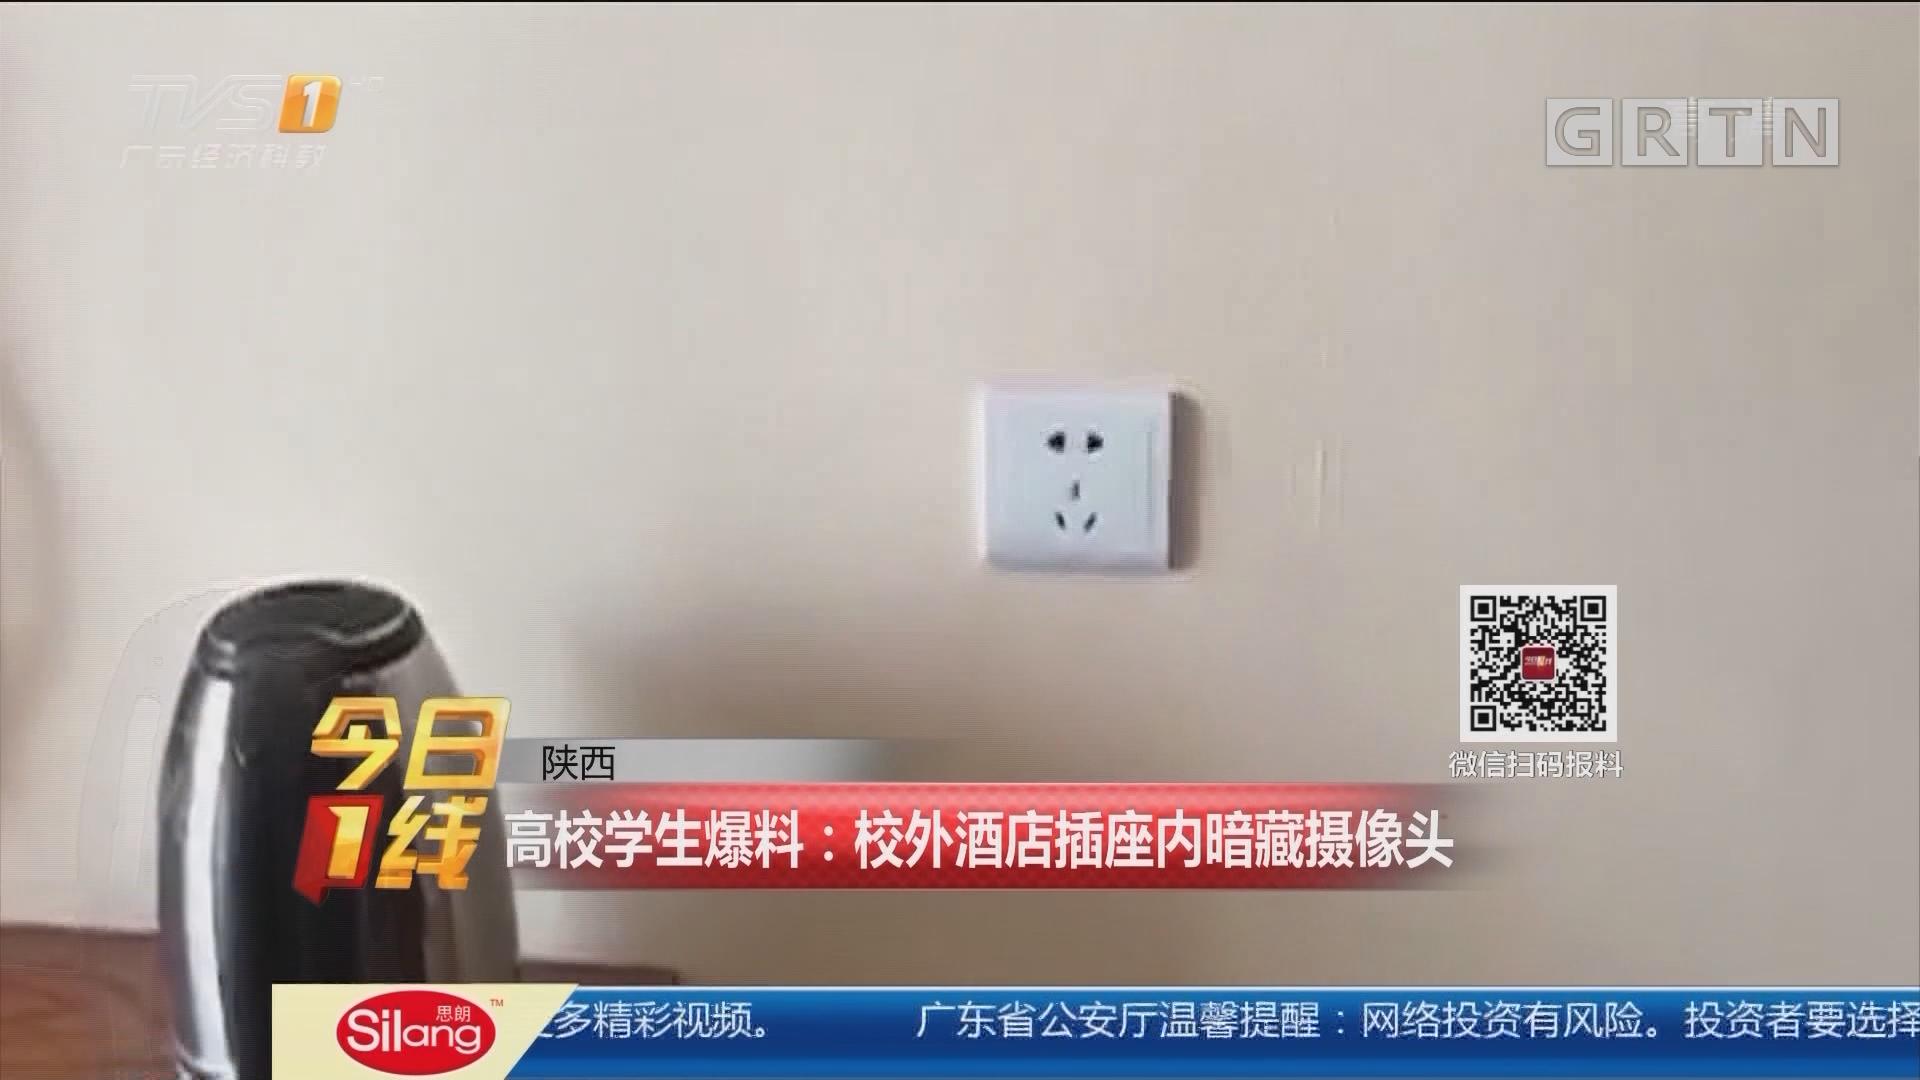 陕西 高校学生爆料:校外酒店插座内暗藏摄像头